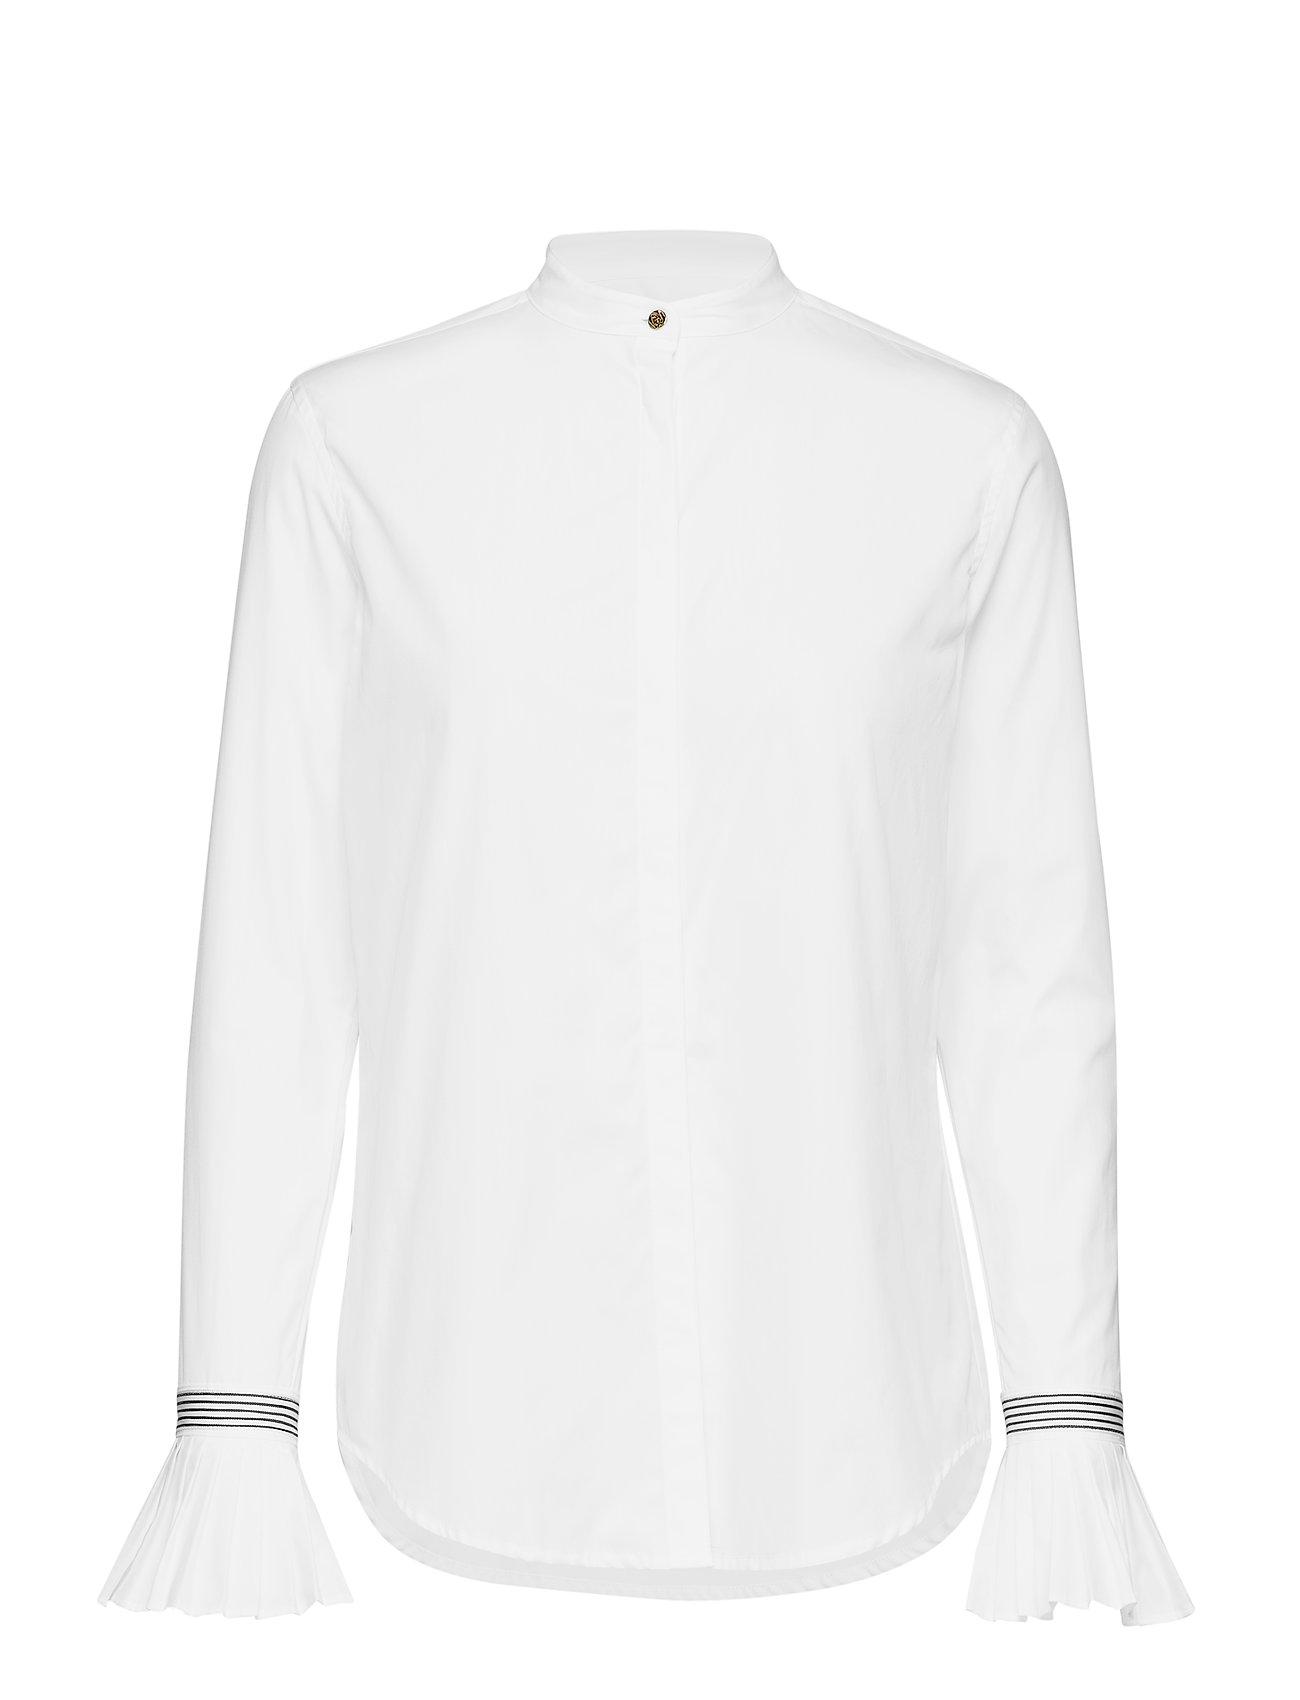 a9f472a0 Pleated-cuff Cotton Shirt (White) (£74.75) - Lauren Ralph Lauren ...